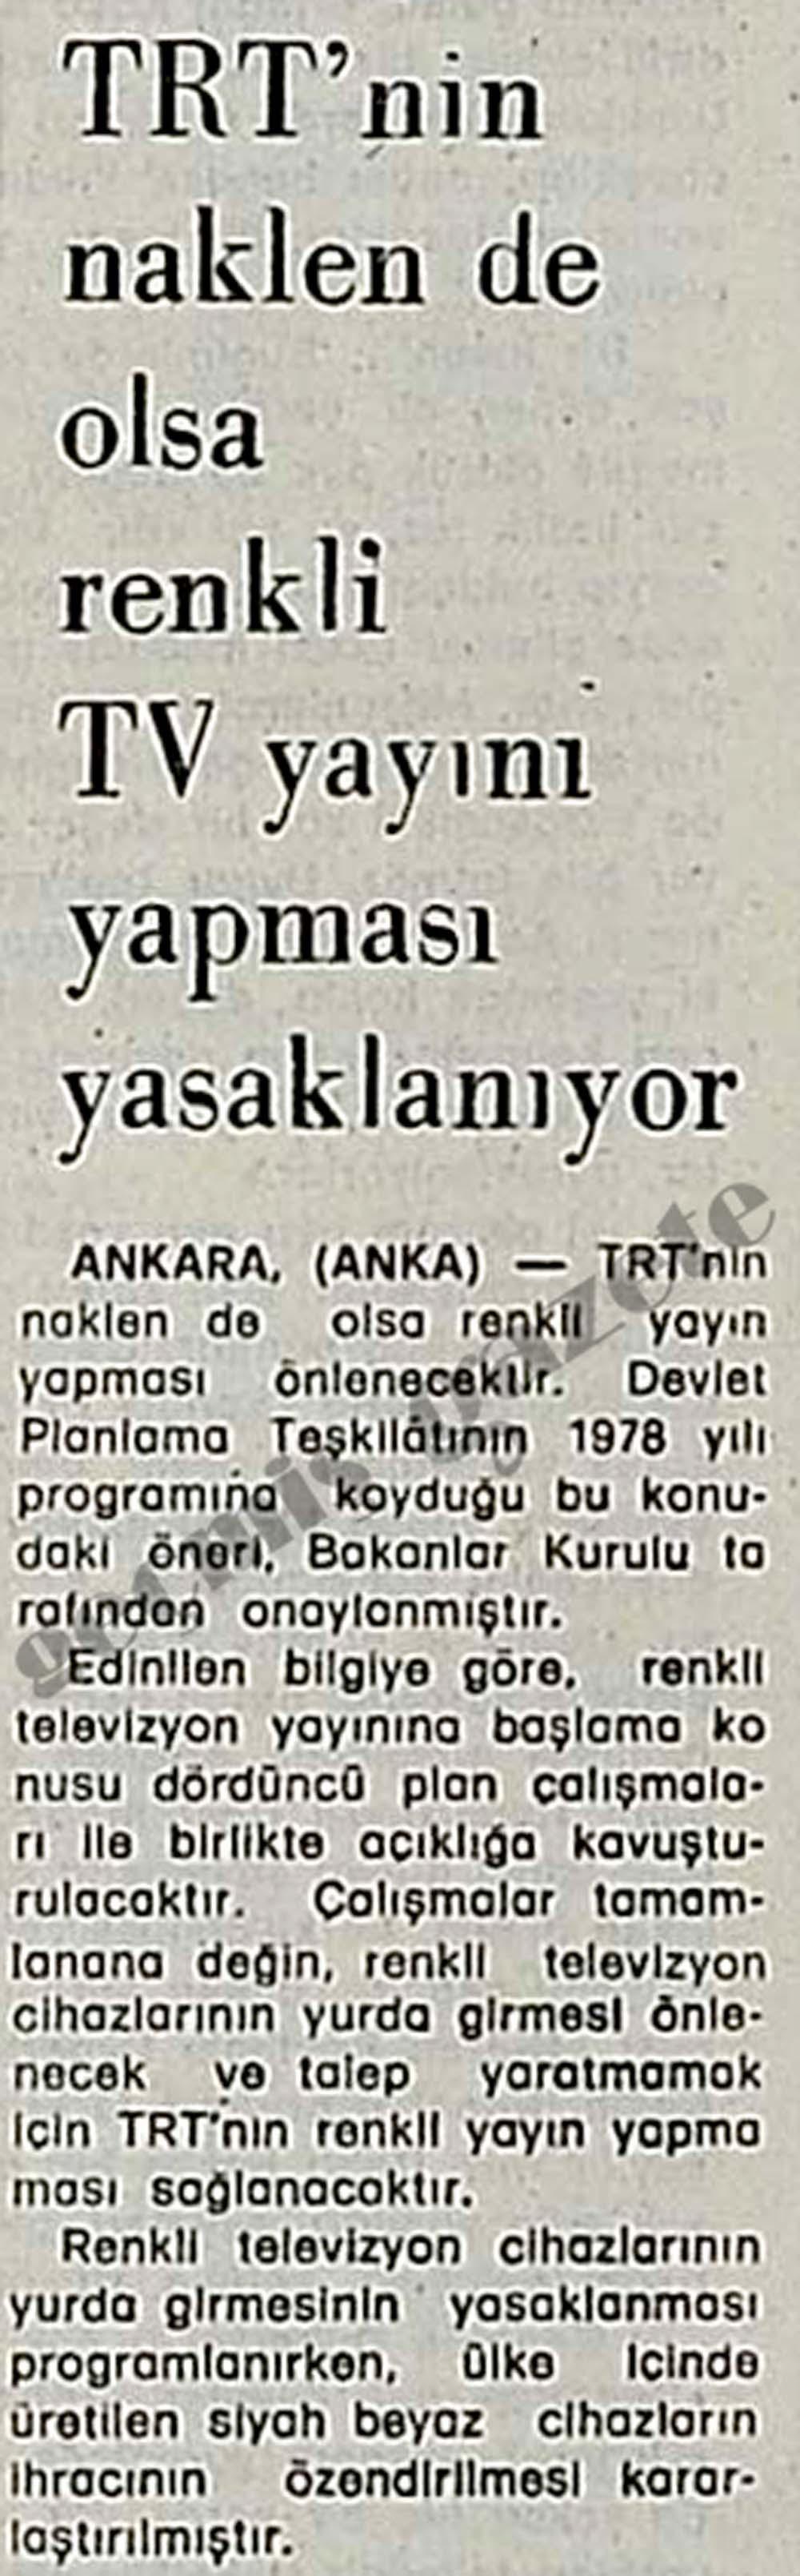 TRT'nin naklen de olsa renkli TV yayını yapması yasaklanıyor